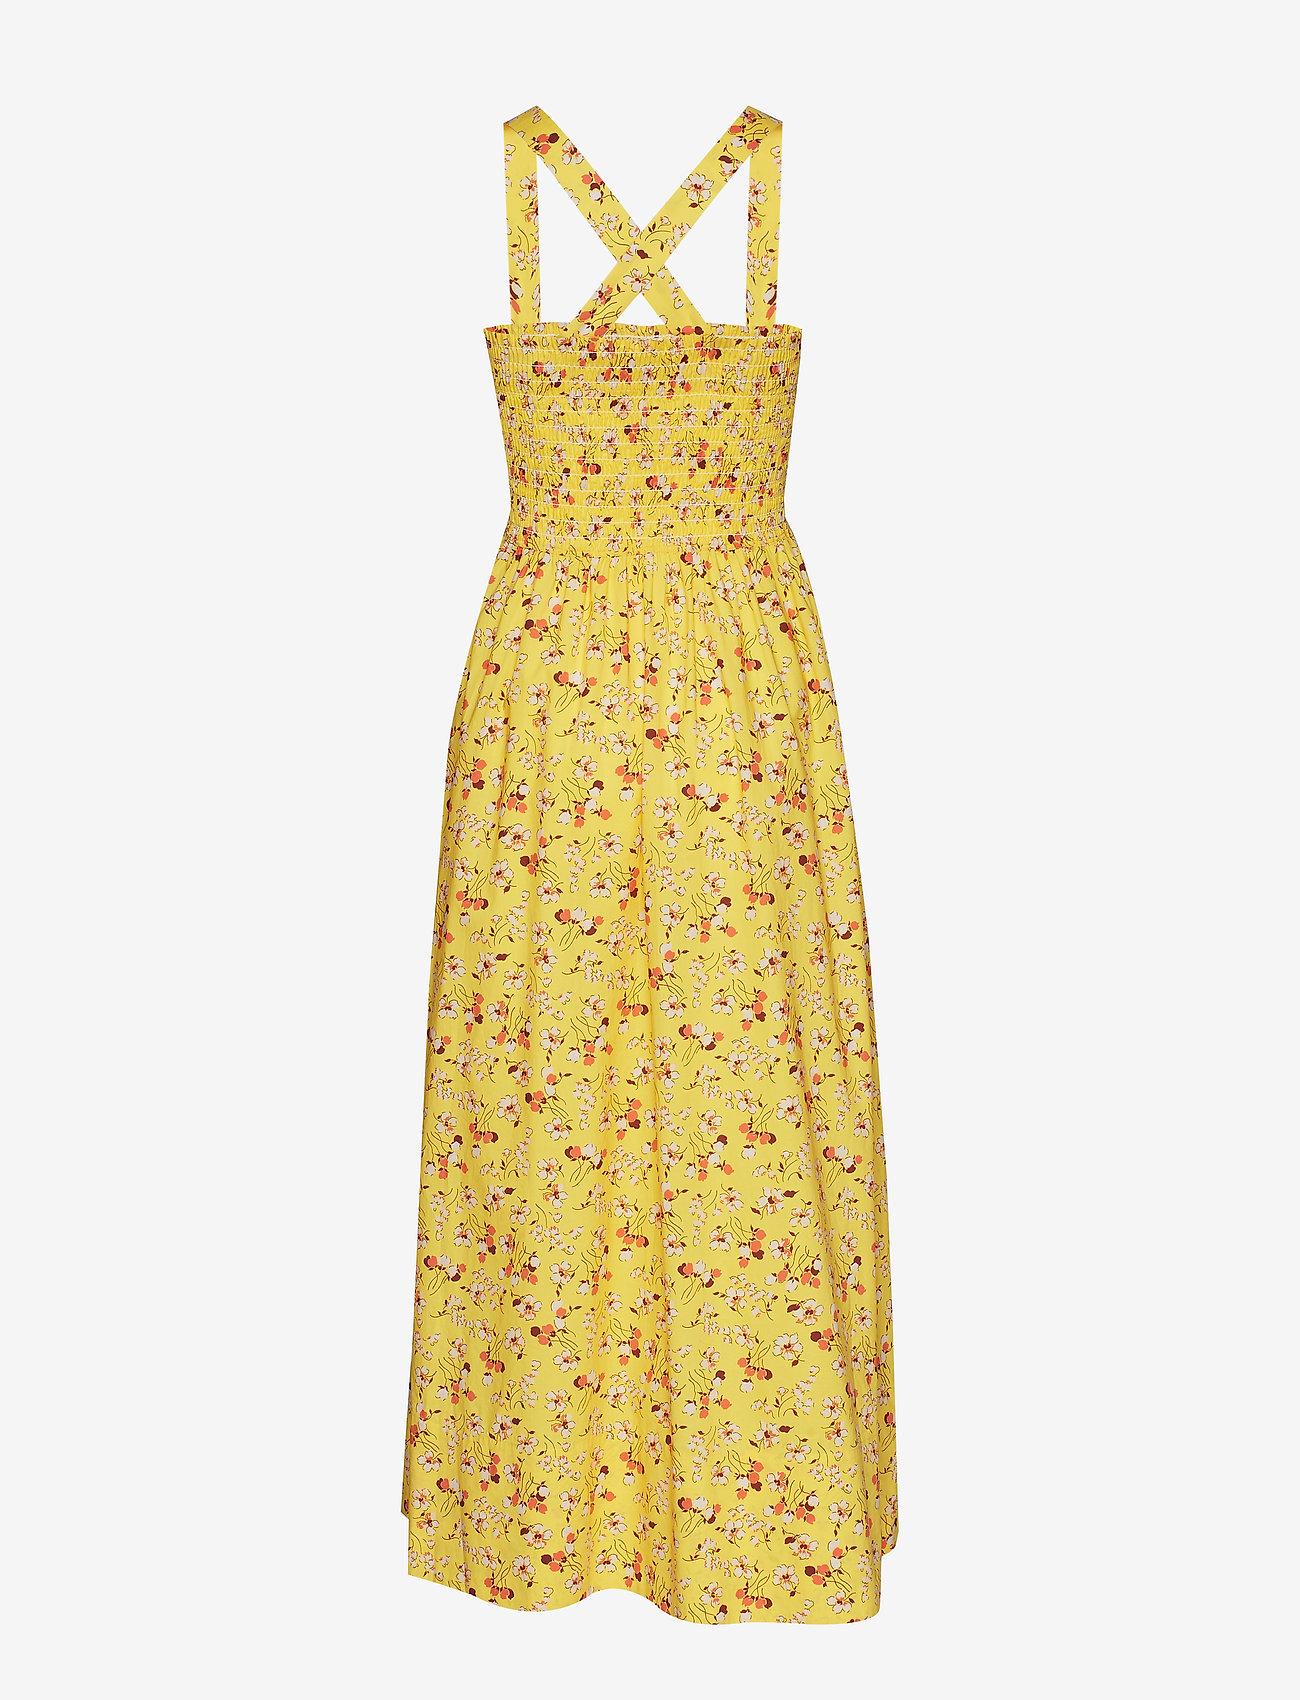 Polo Ralph Lauren Floral Cotton Maxidress - Dresses